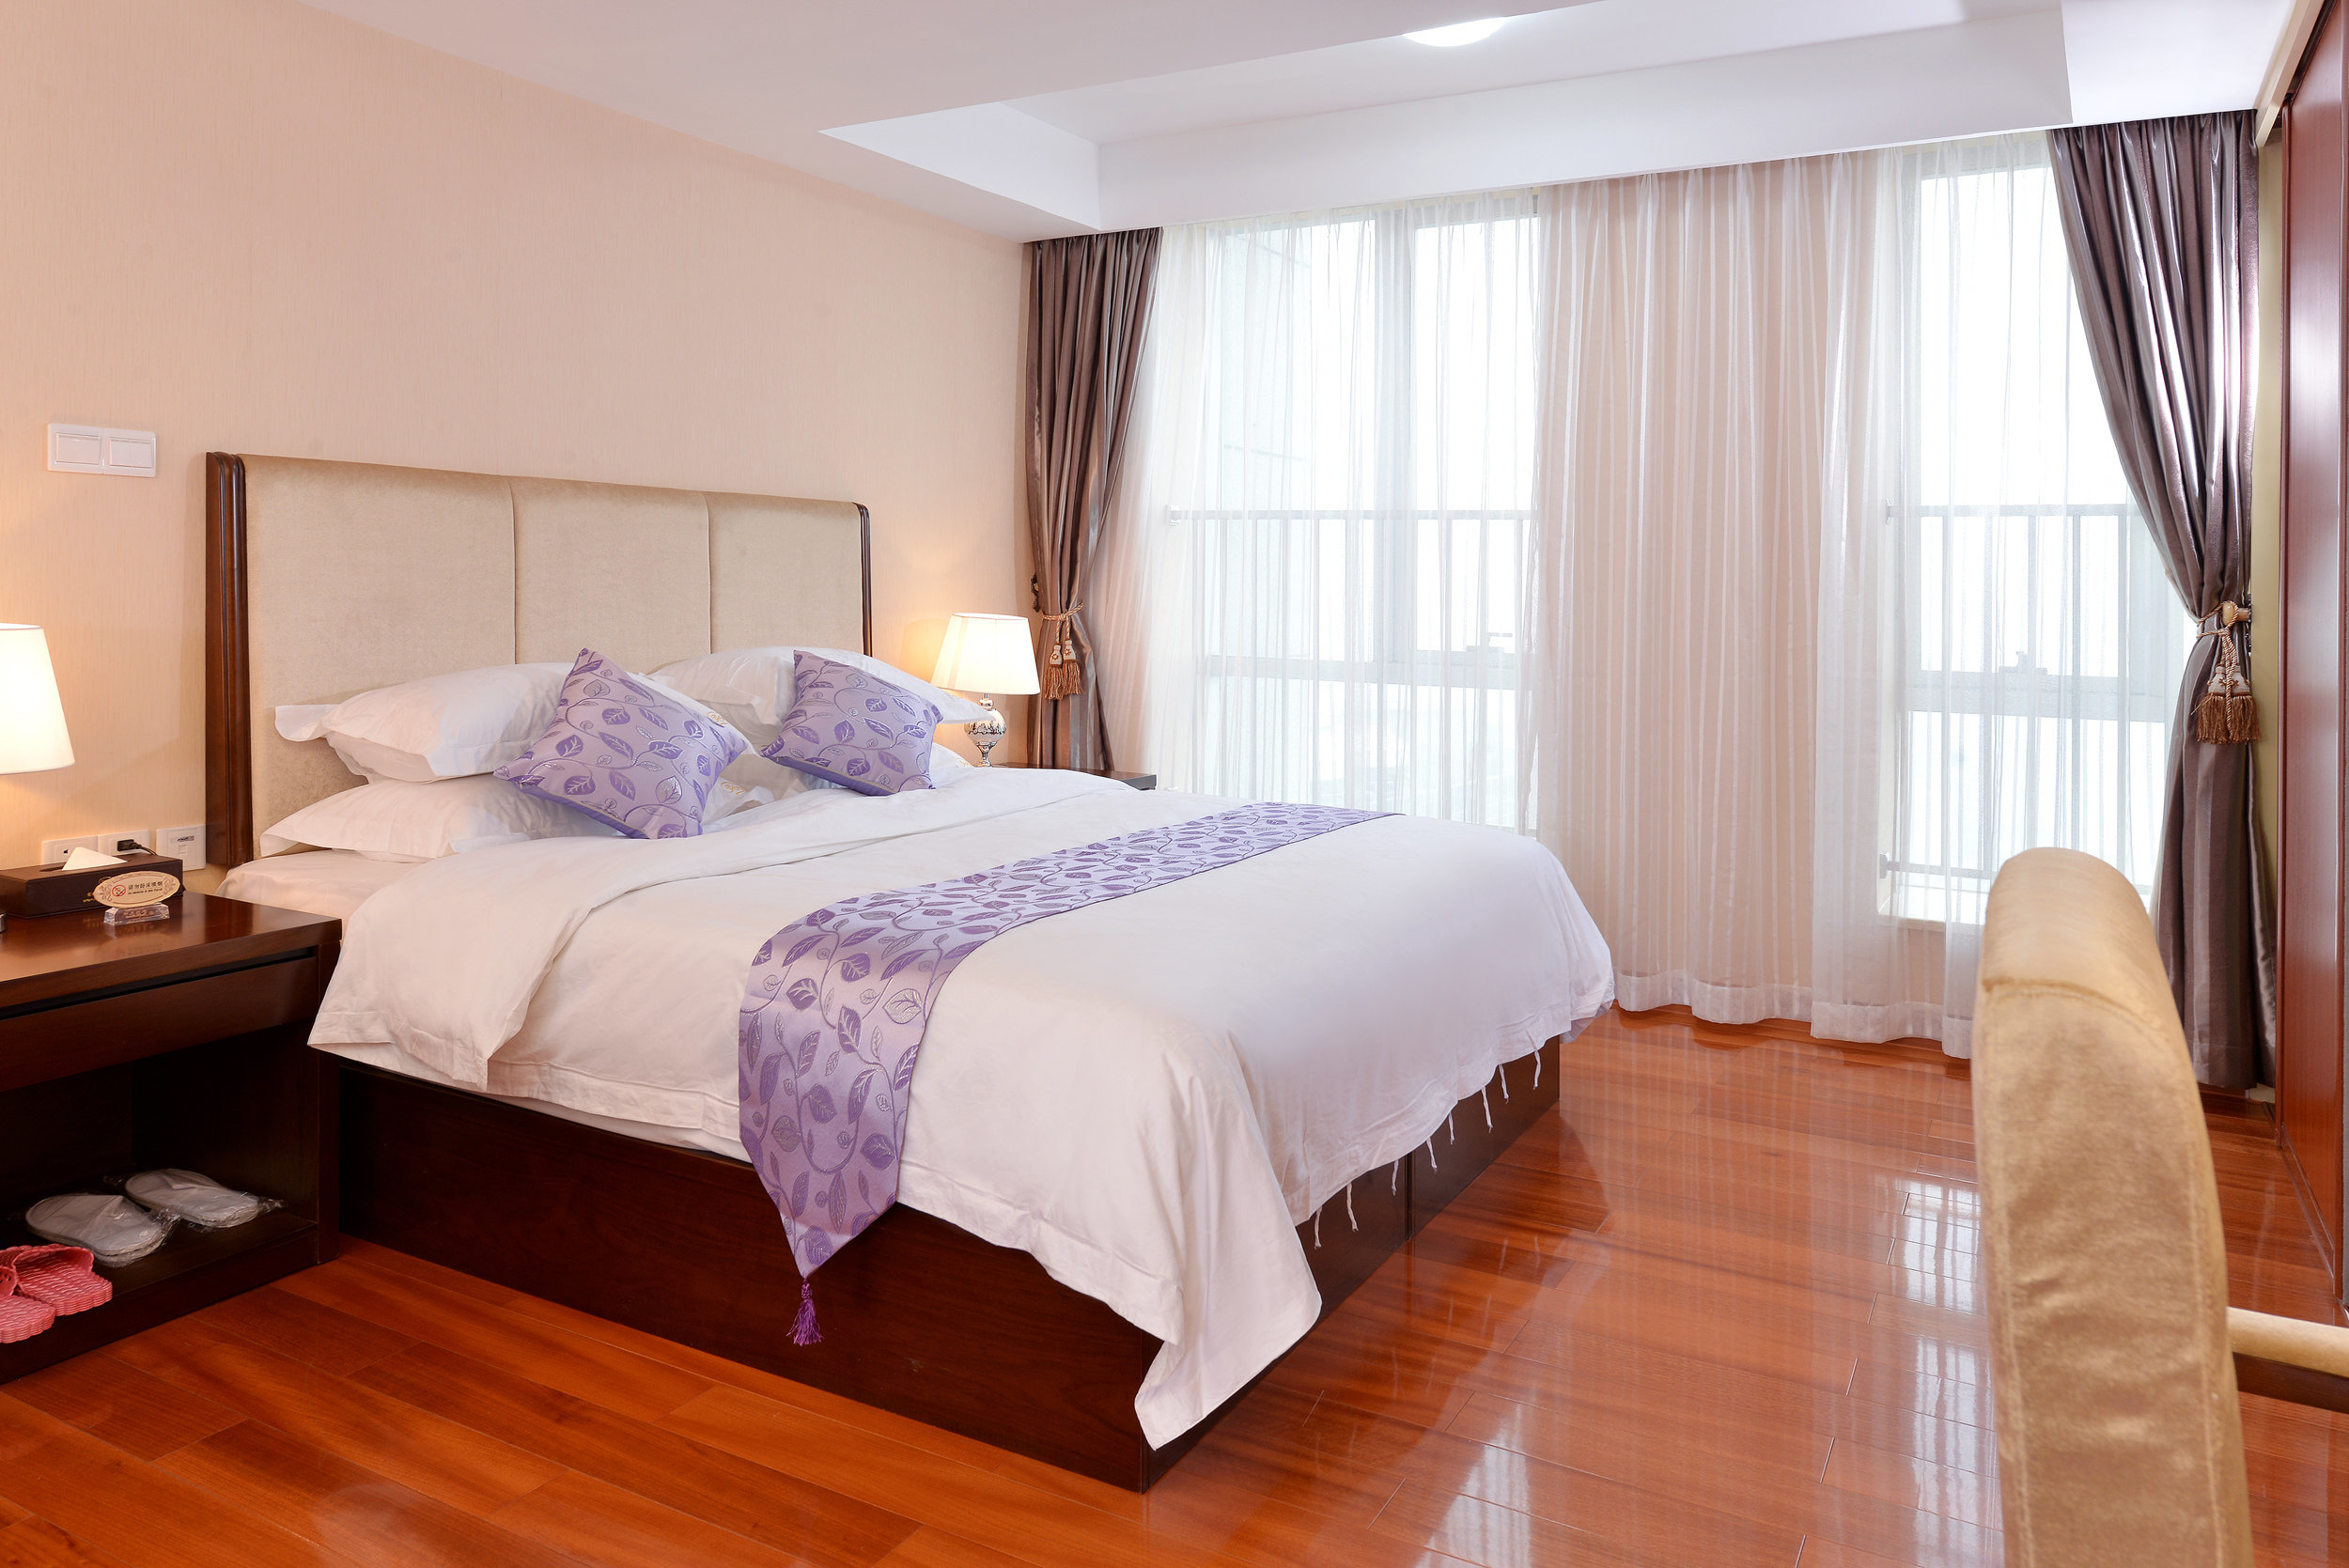 背景墙 房间 家居 酒店 设计 卧室 卧室装修 现代 装修 2500_1669